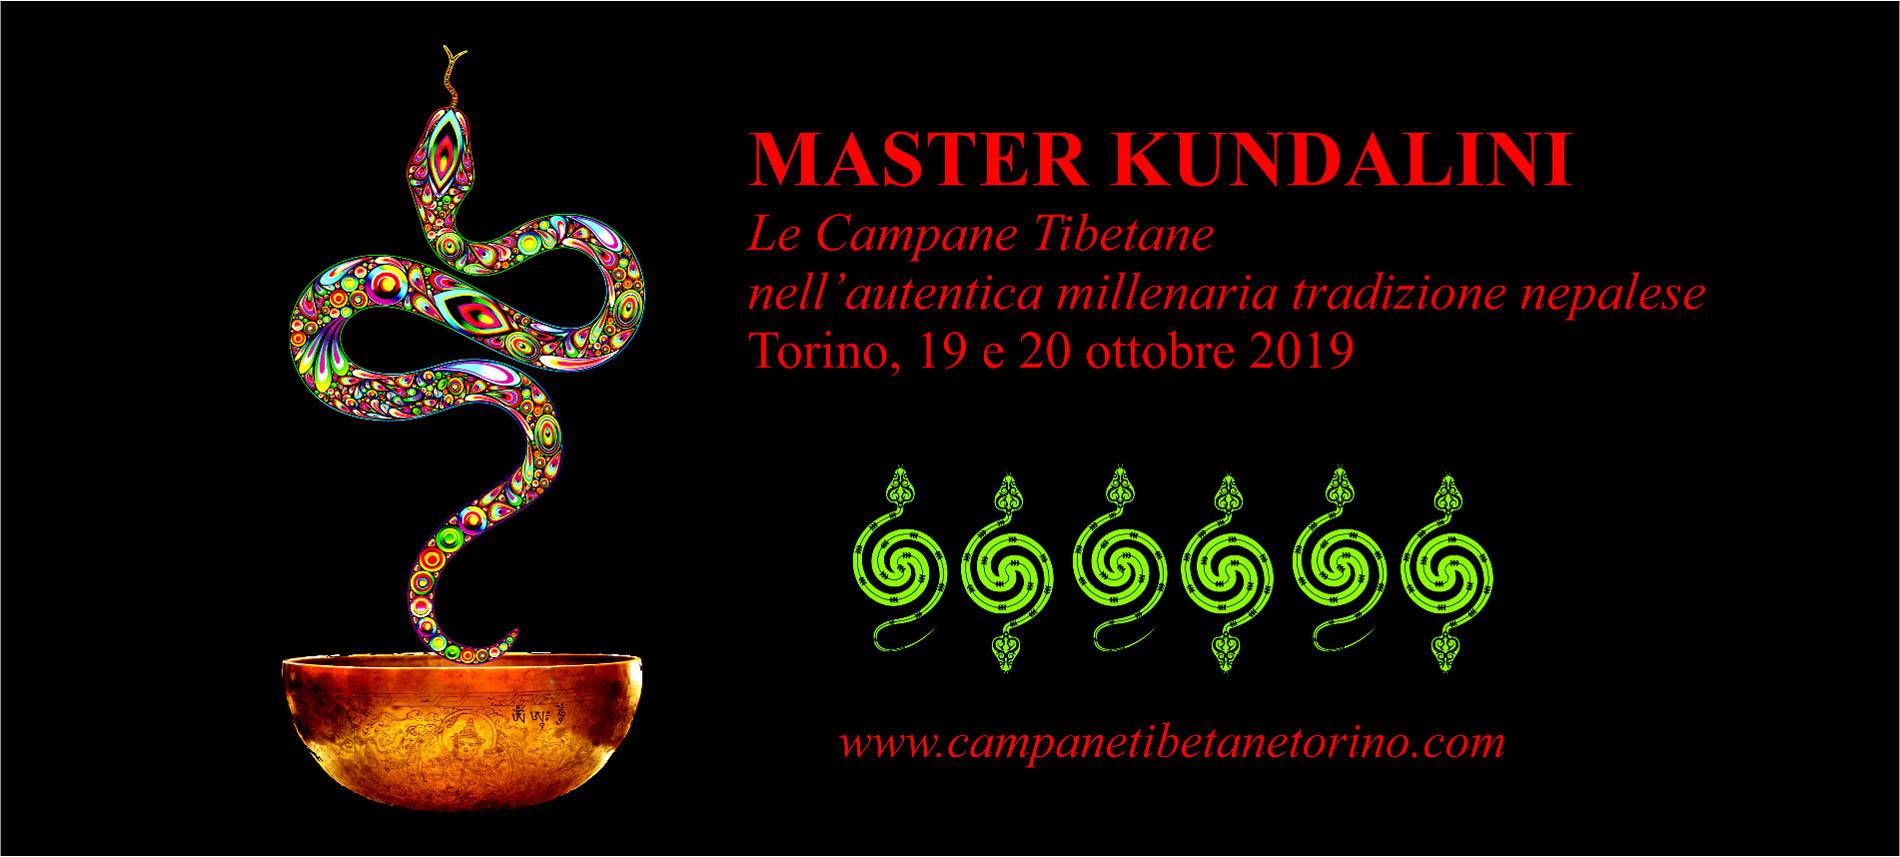 Campane Tibetane Torino Master Kundalini